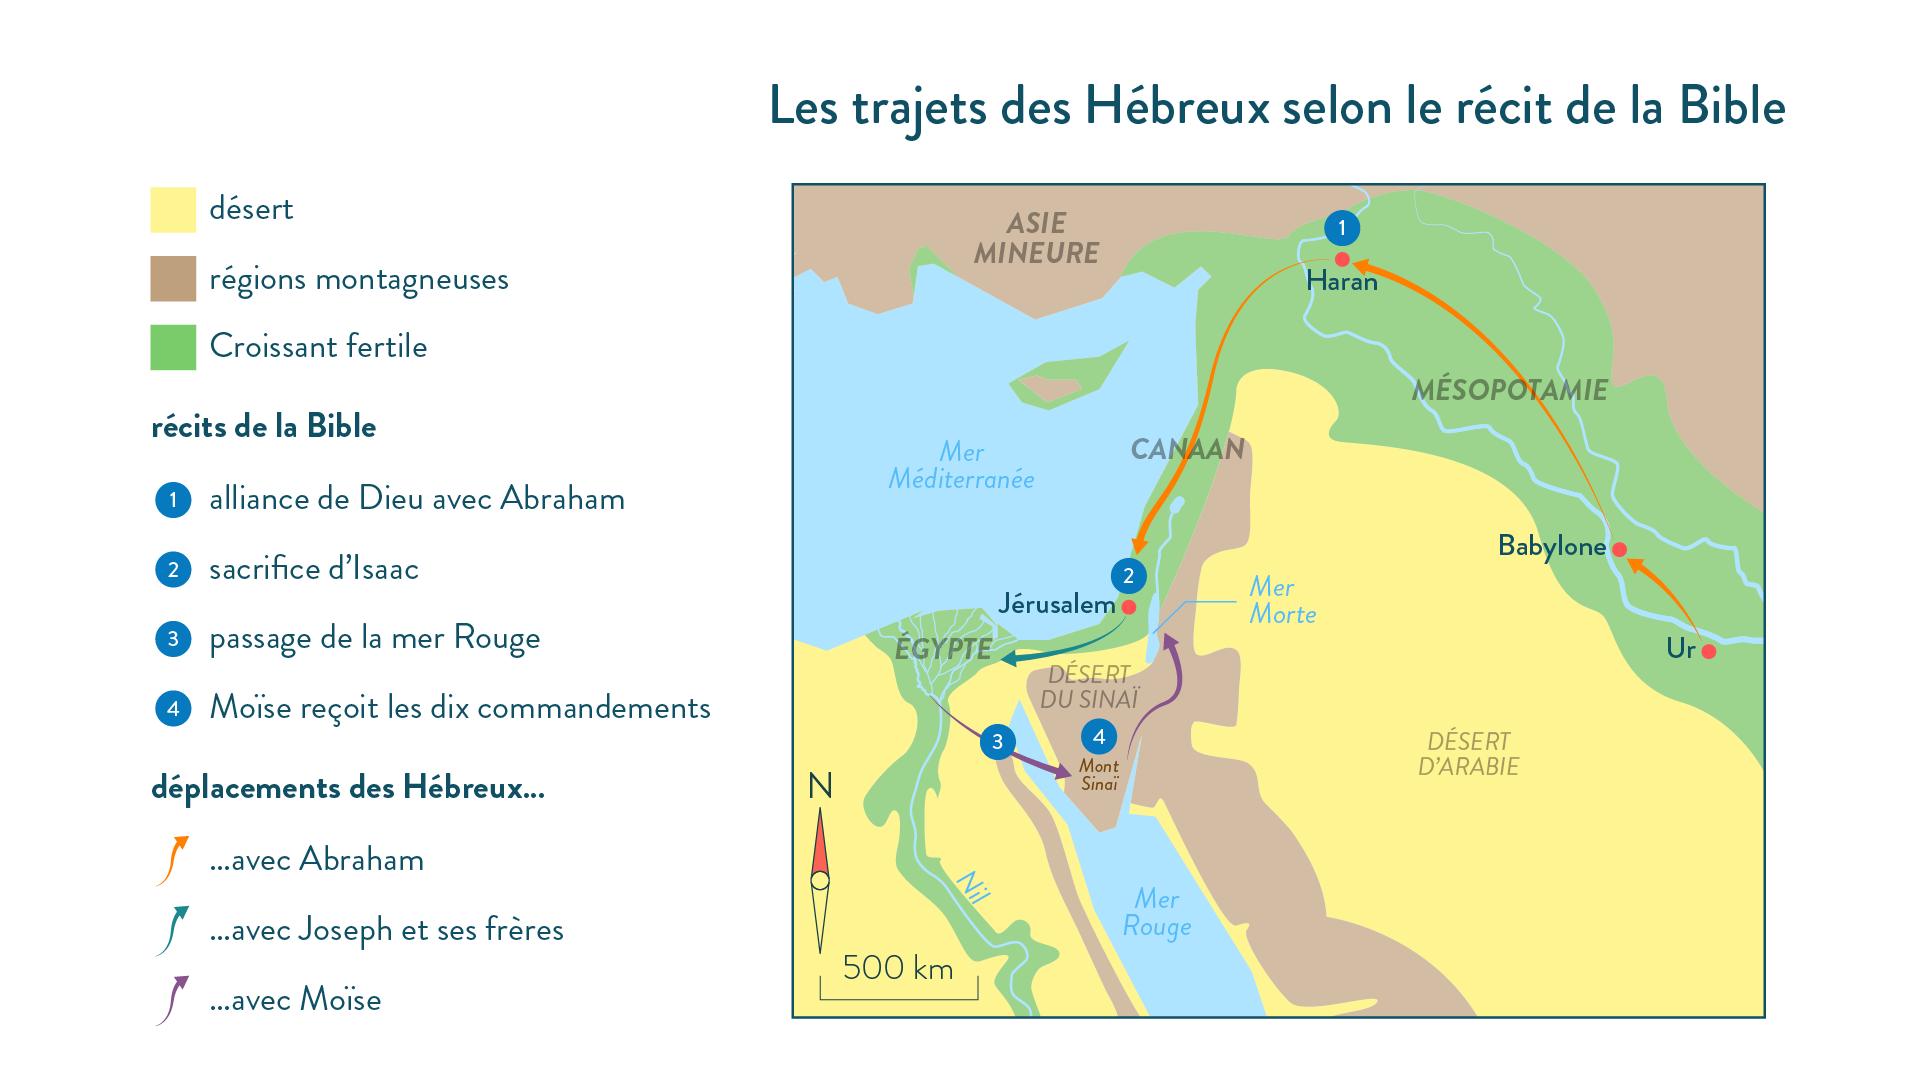 Les trajets des Hébreux selon le récit de la Bible-histoire-6e